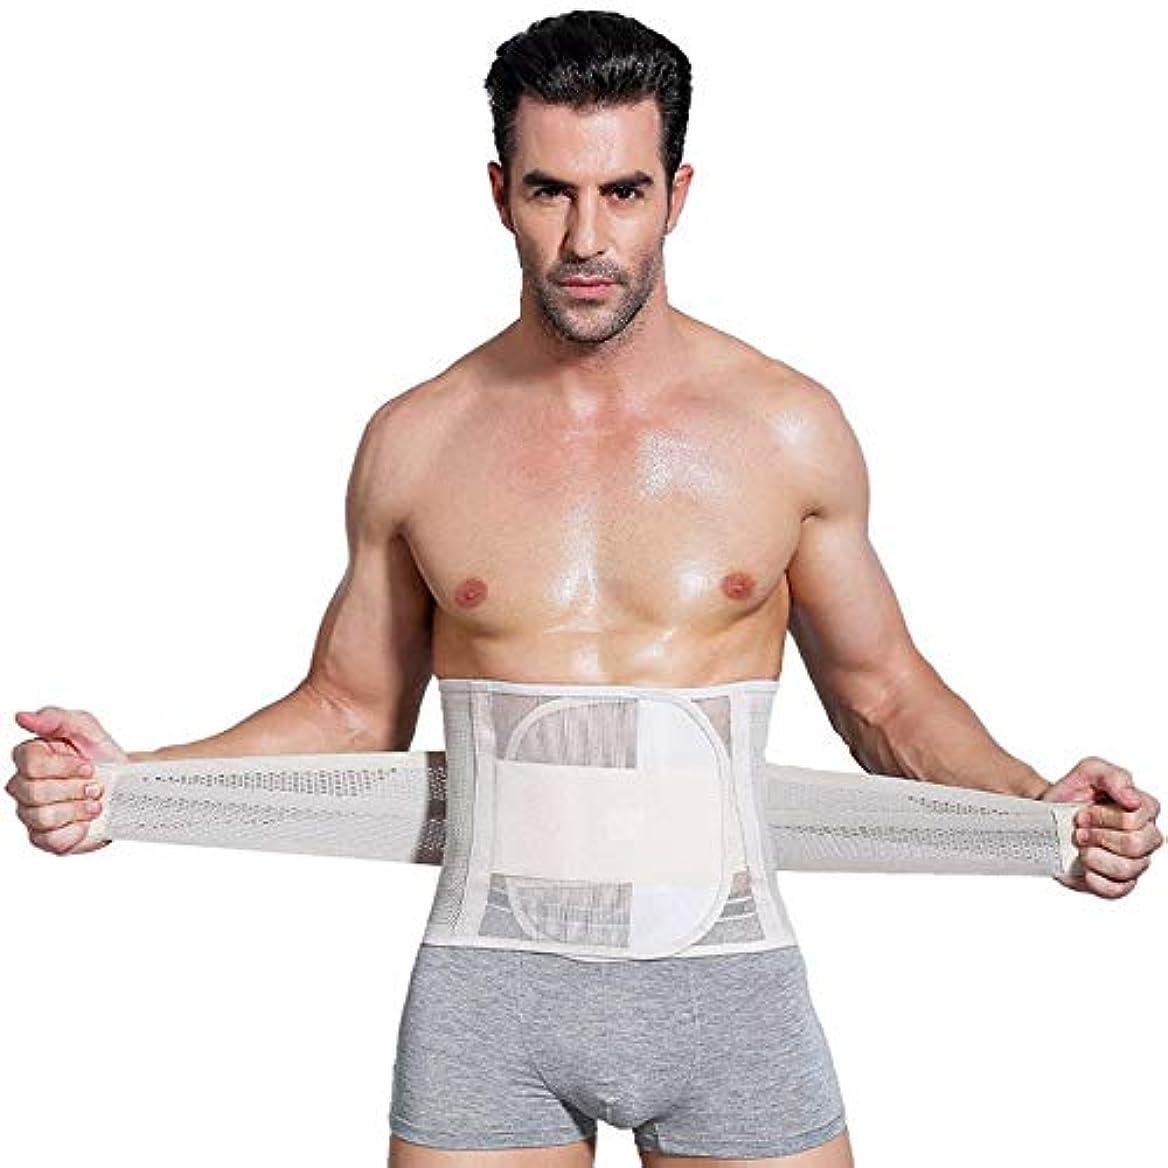 堂々たる宇宙船飲み込む男性ボディシェイパーコルセット腹部おなかコントロールウエストトレーナーニッパー脂肪燃焼ガードル痩身腹ベルト用男性 - 肌色M